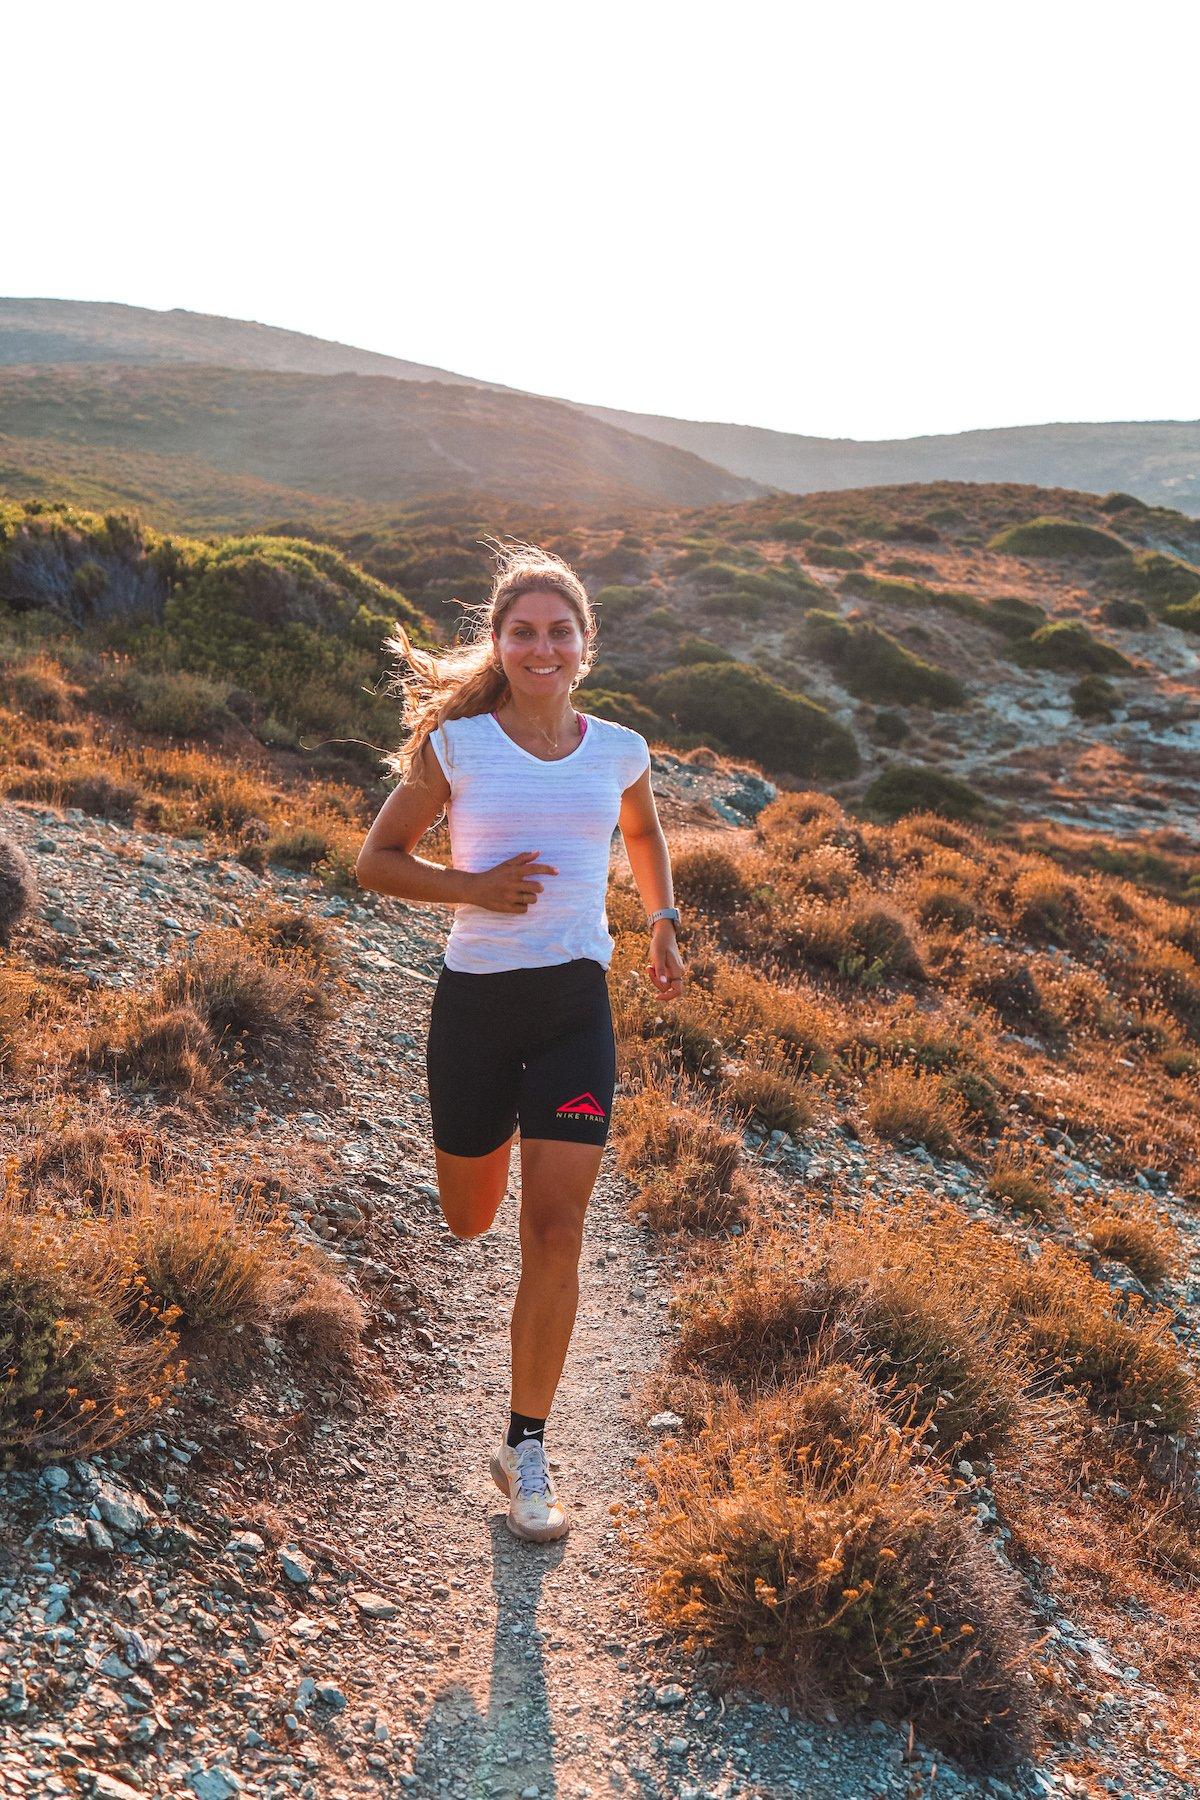 Challenge Sportif d'été 2020 avec I-run.fr